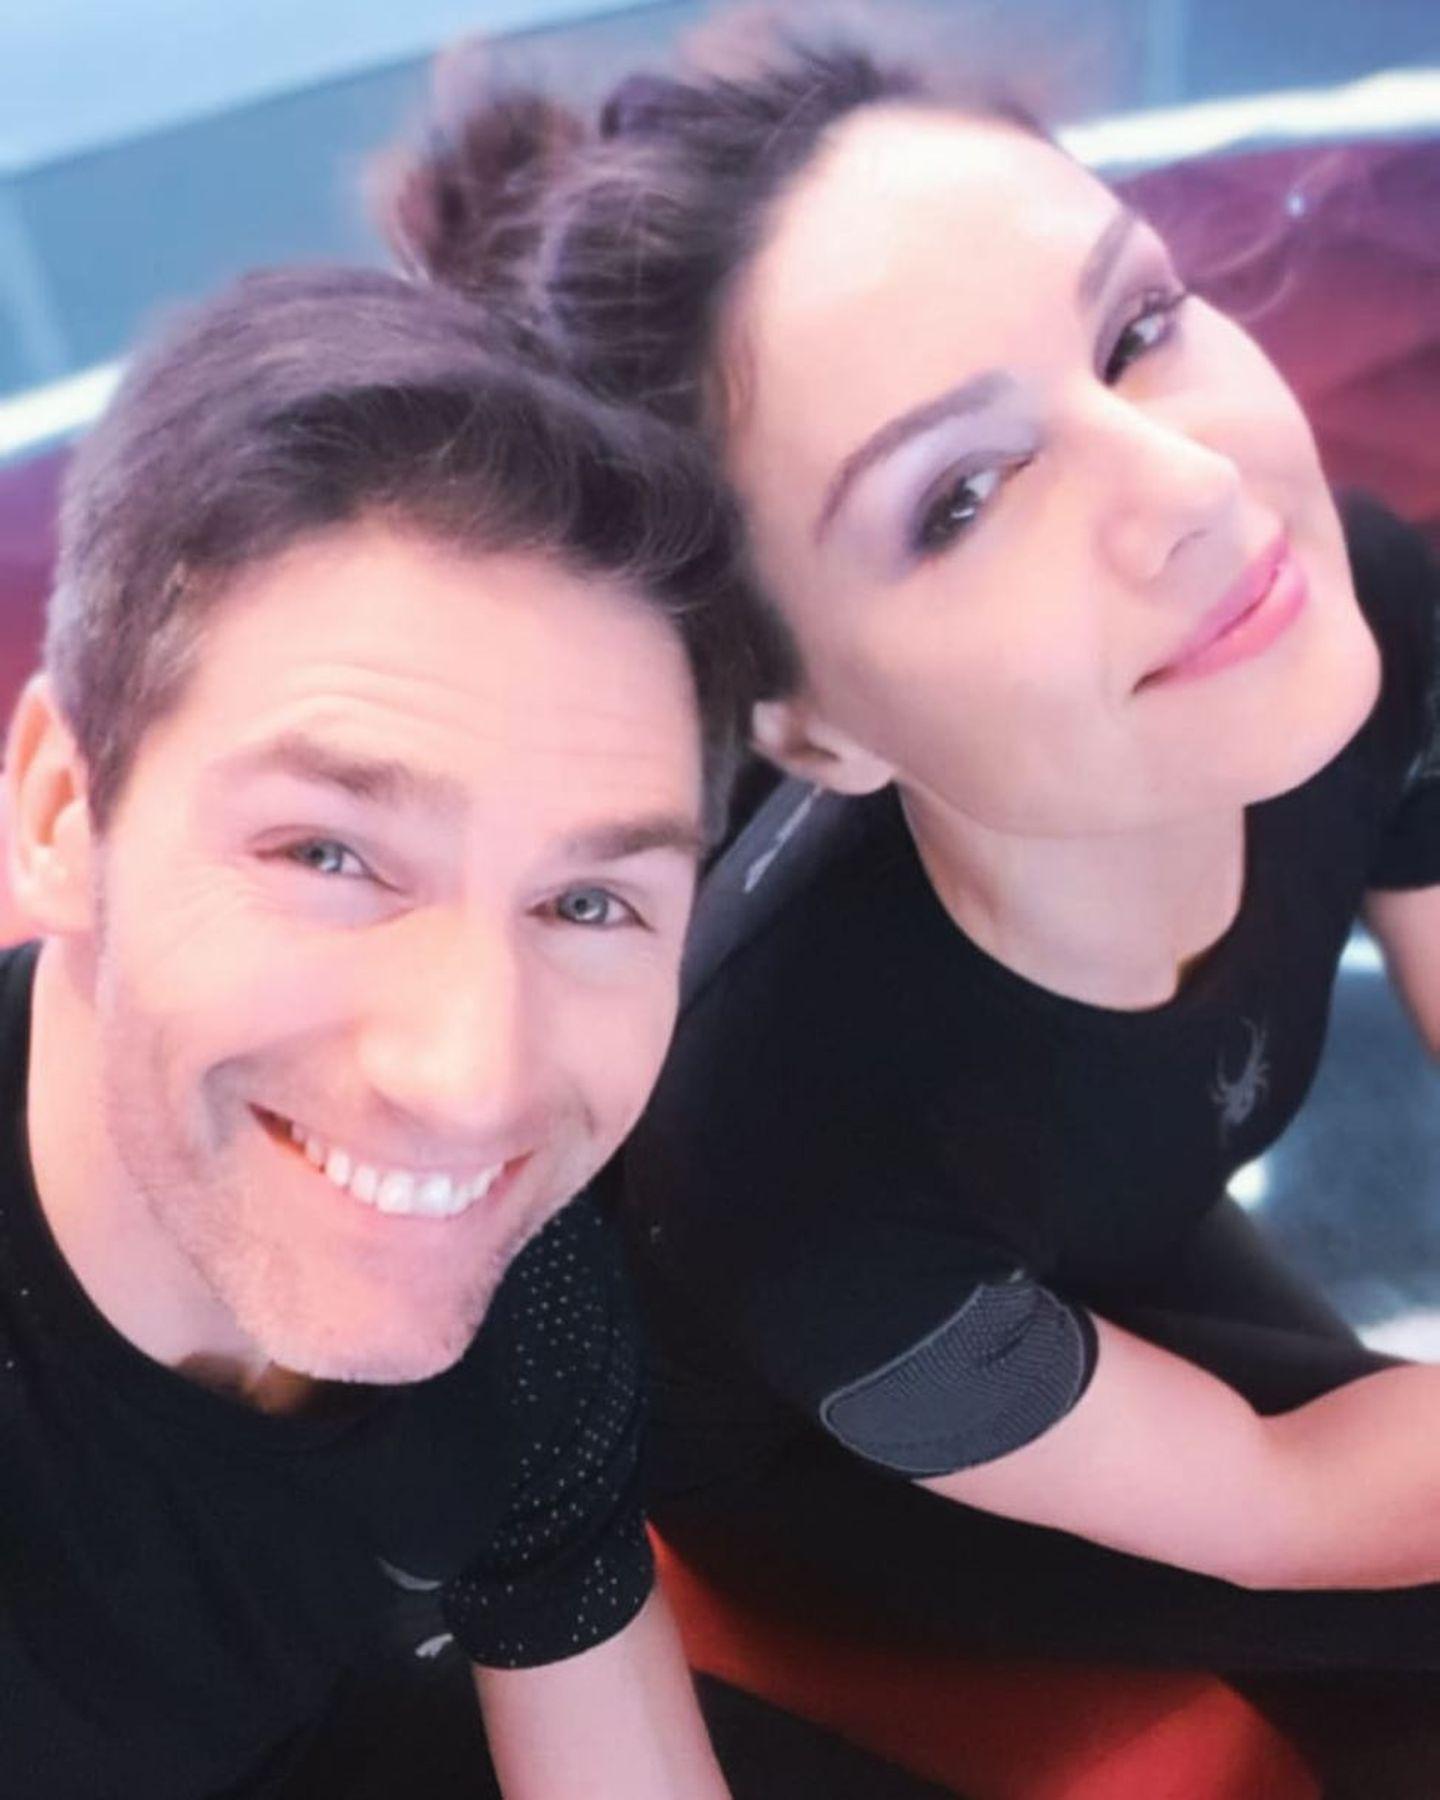 Moderatorin Nazan Eckes und ihr Profi-Tanzpartner Christian Polanc posten ein harmonisches Team-Selfie auf Instagram. Sie freuen sich auf die dritte Live-Show heute Abend und sind – noch – tiefenentspannt.